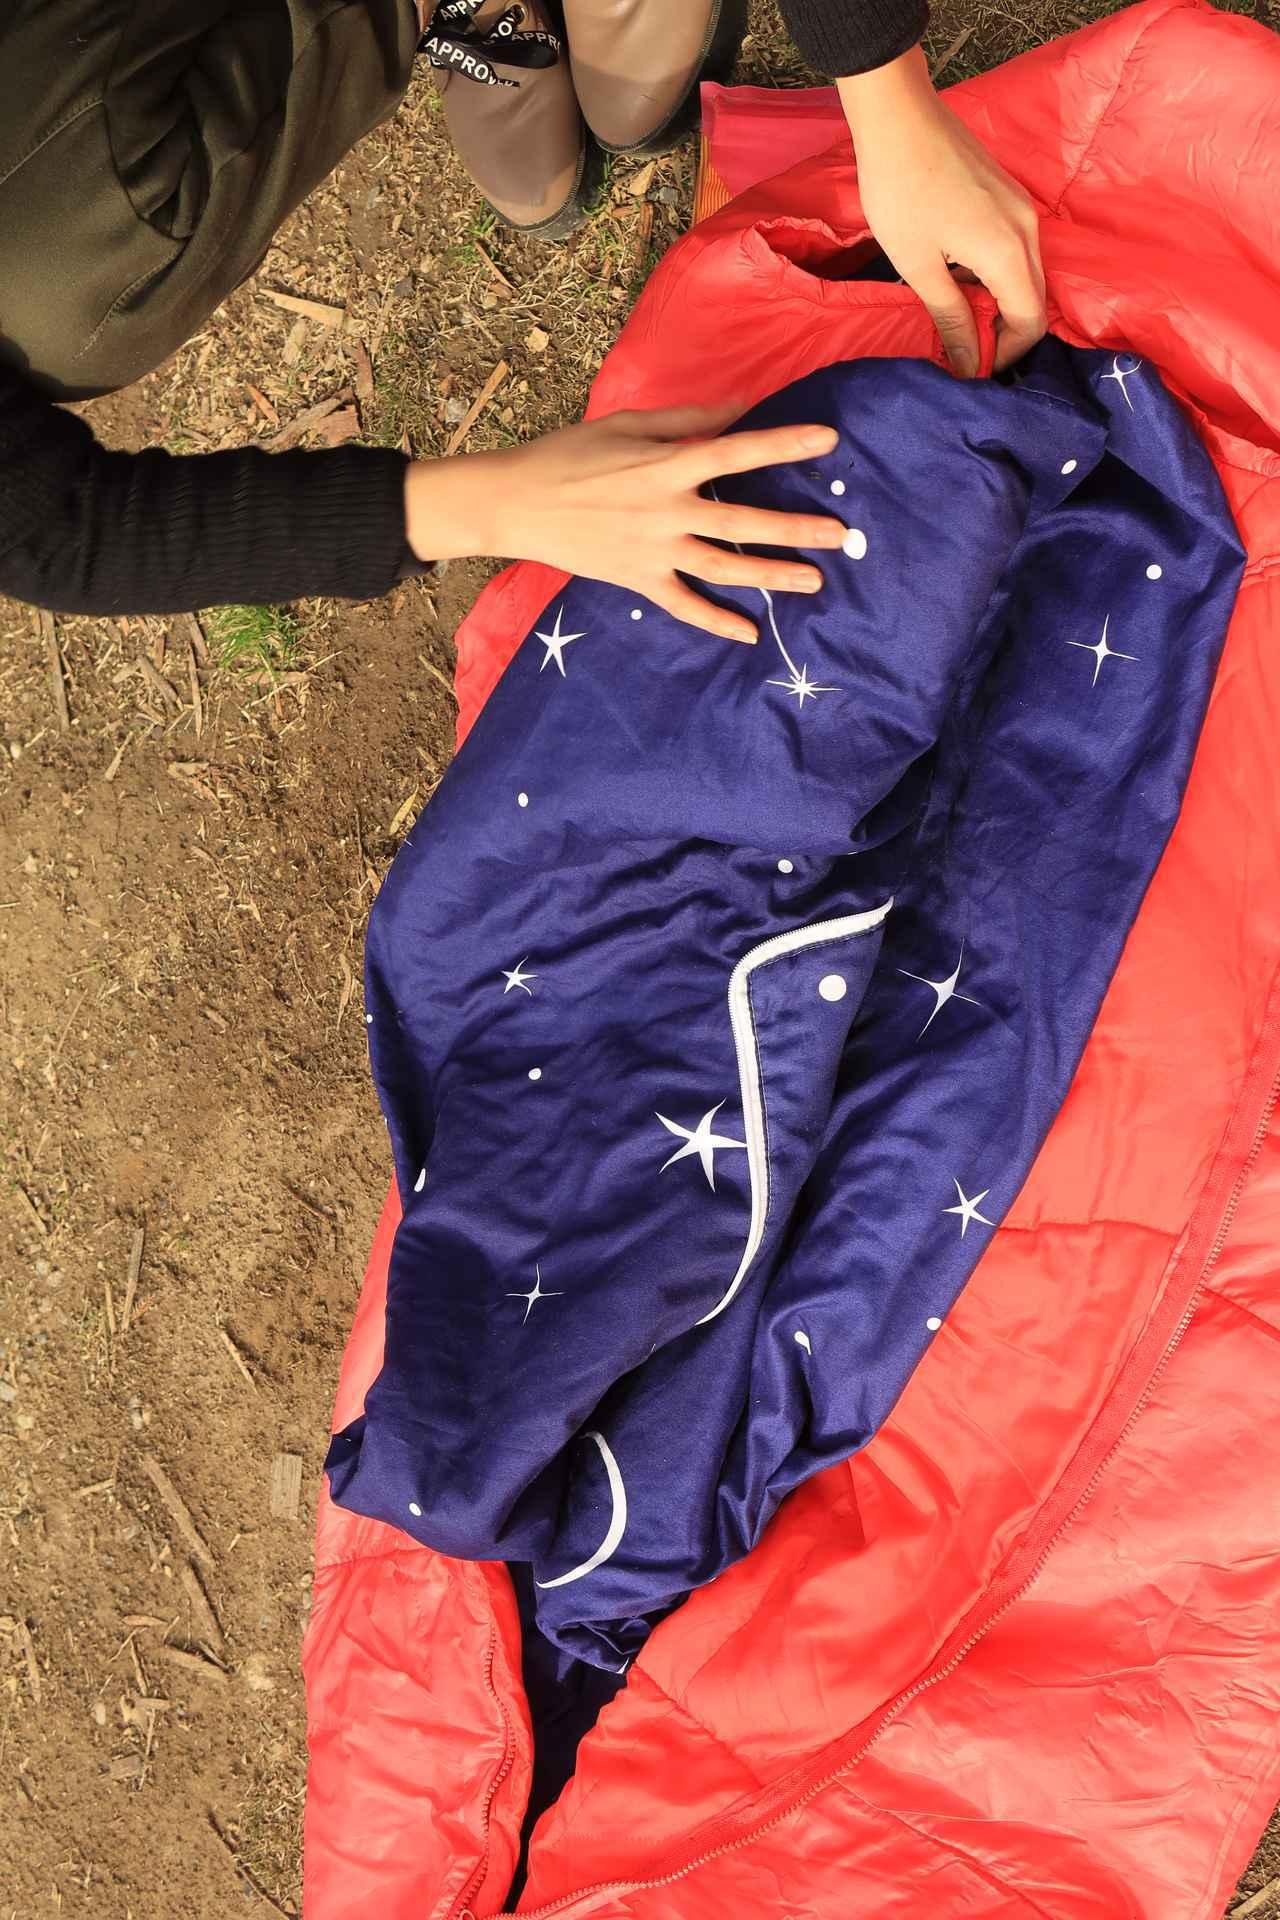 冬のキャンプツーリング テクニック&アイテム集! キャンプ好きスタッフ3人の寒さ対策を紹介【編集部員の冬休み】